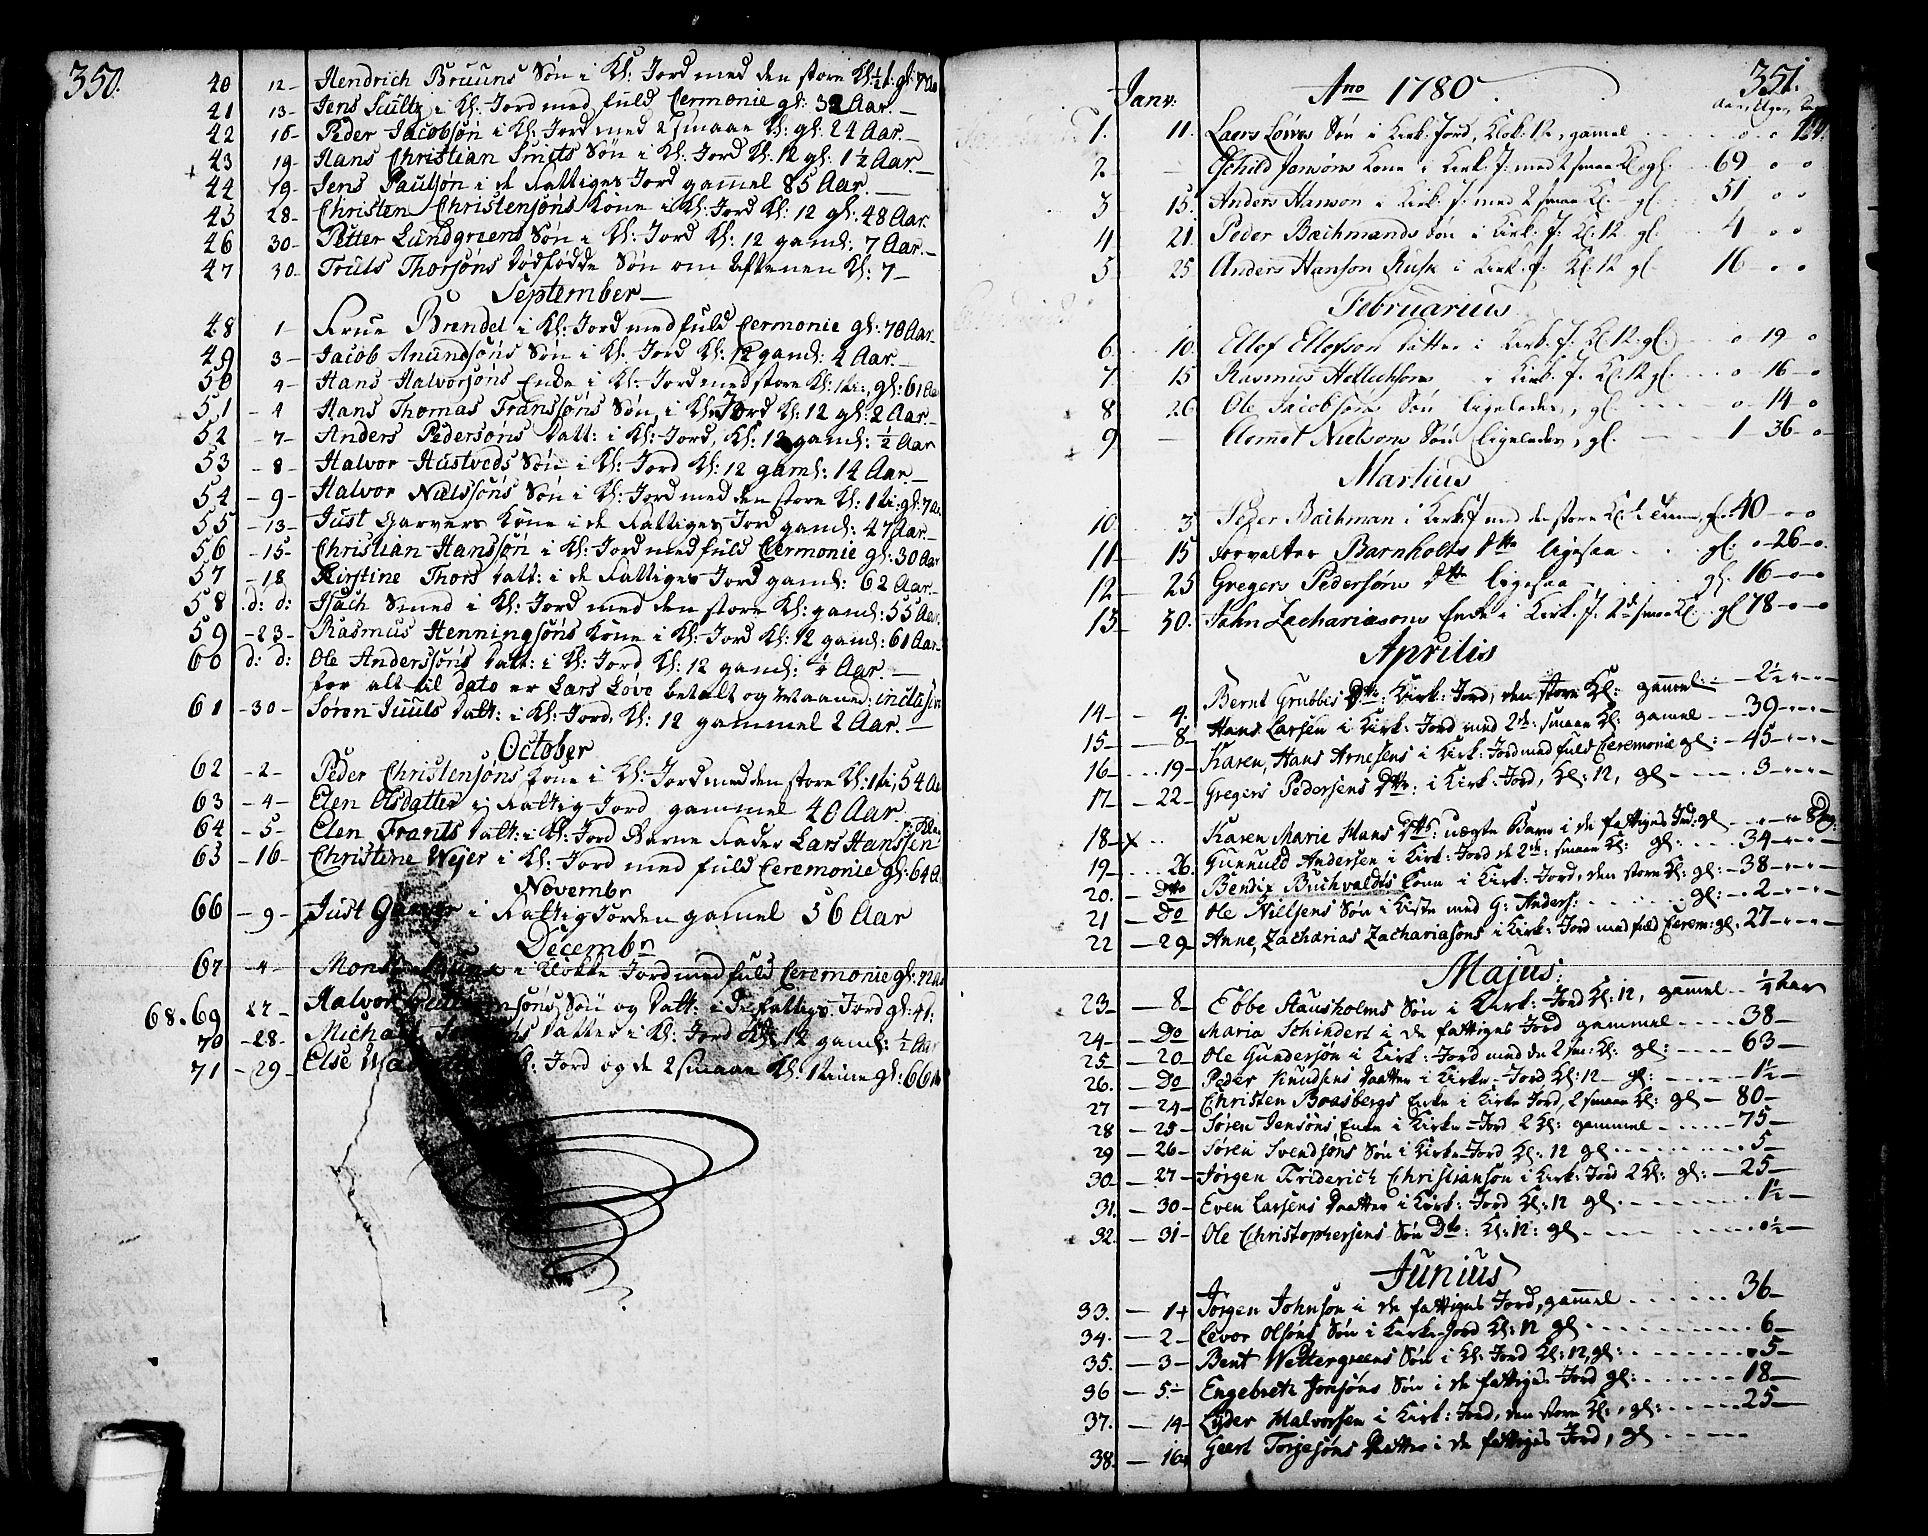 SAKO, Skien kirkebøker, F/Fa/L0003: Ministerialbok nr. 3, 1755-1791, s. 350-351